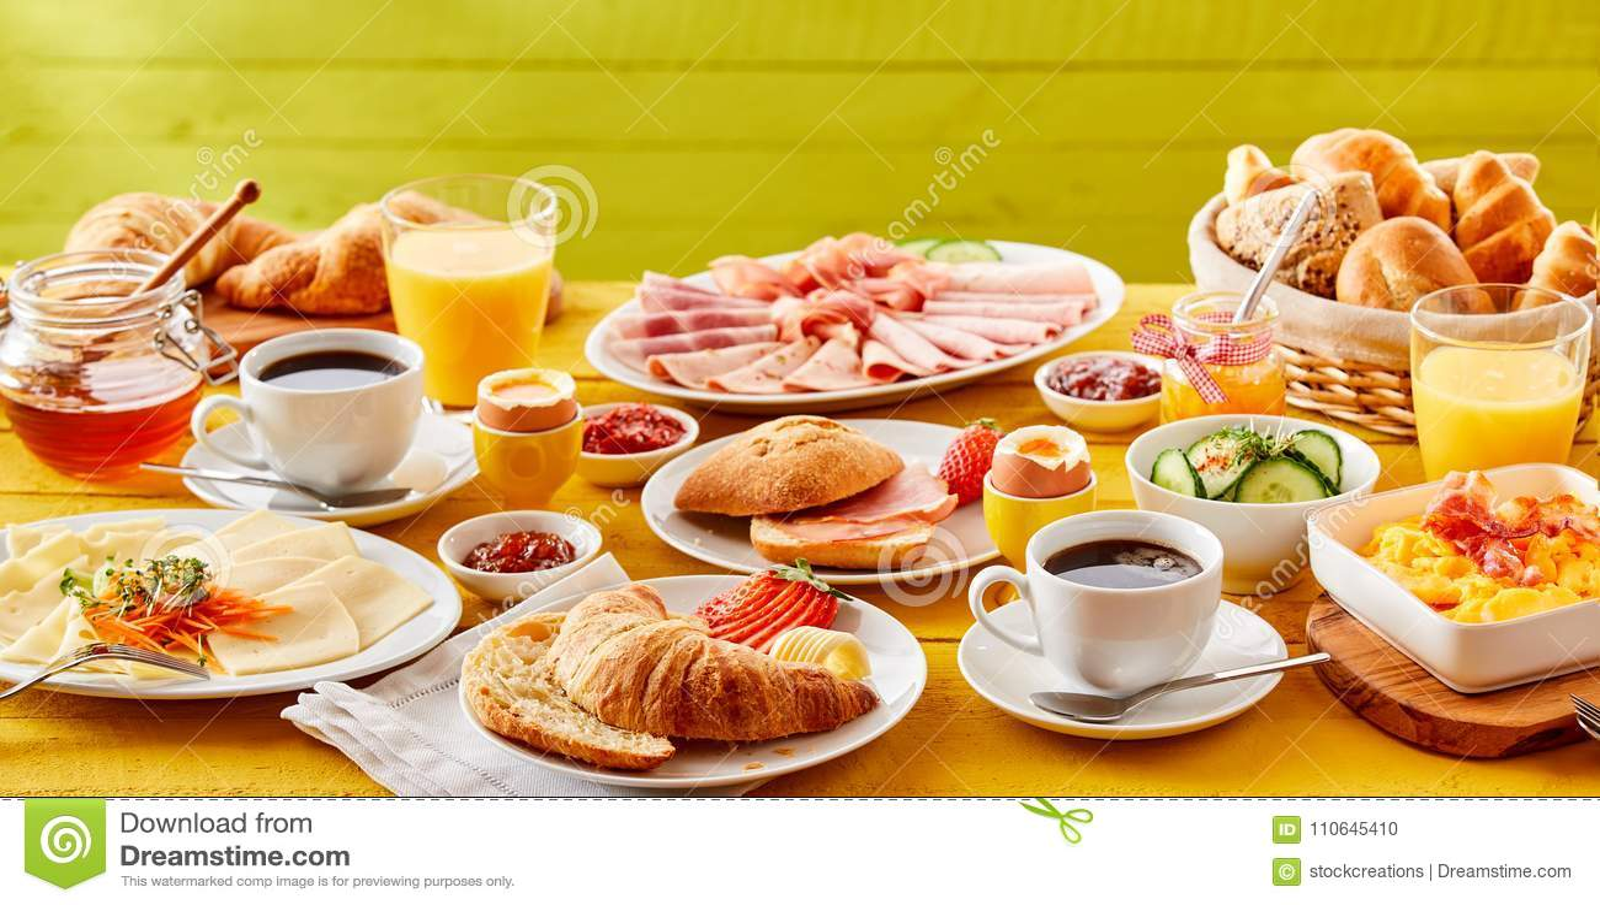 Wiosna śniadaniowy sztandar z wyborem foods